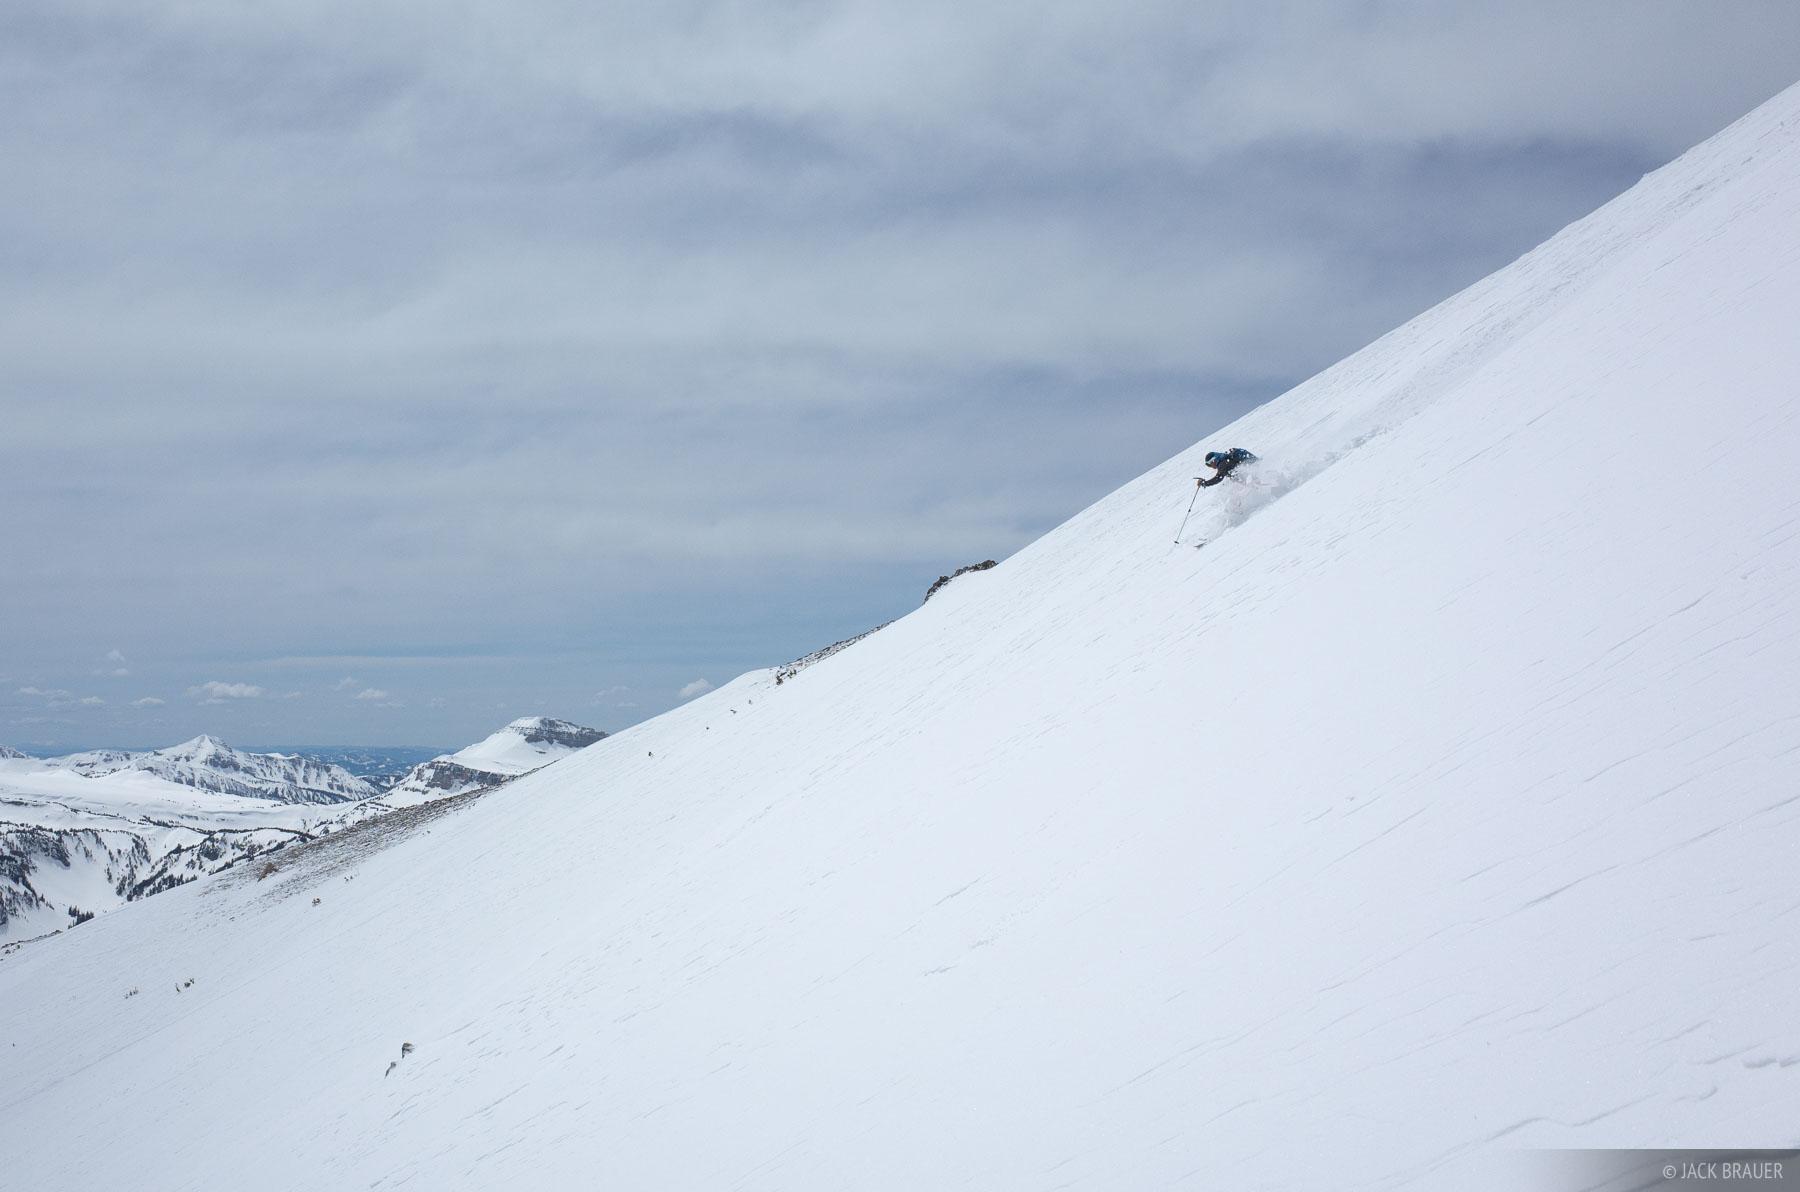 Static Peak,Tetons,Wyoming, skiing, photo